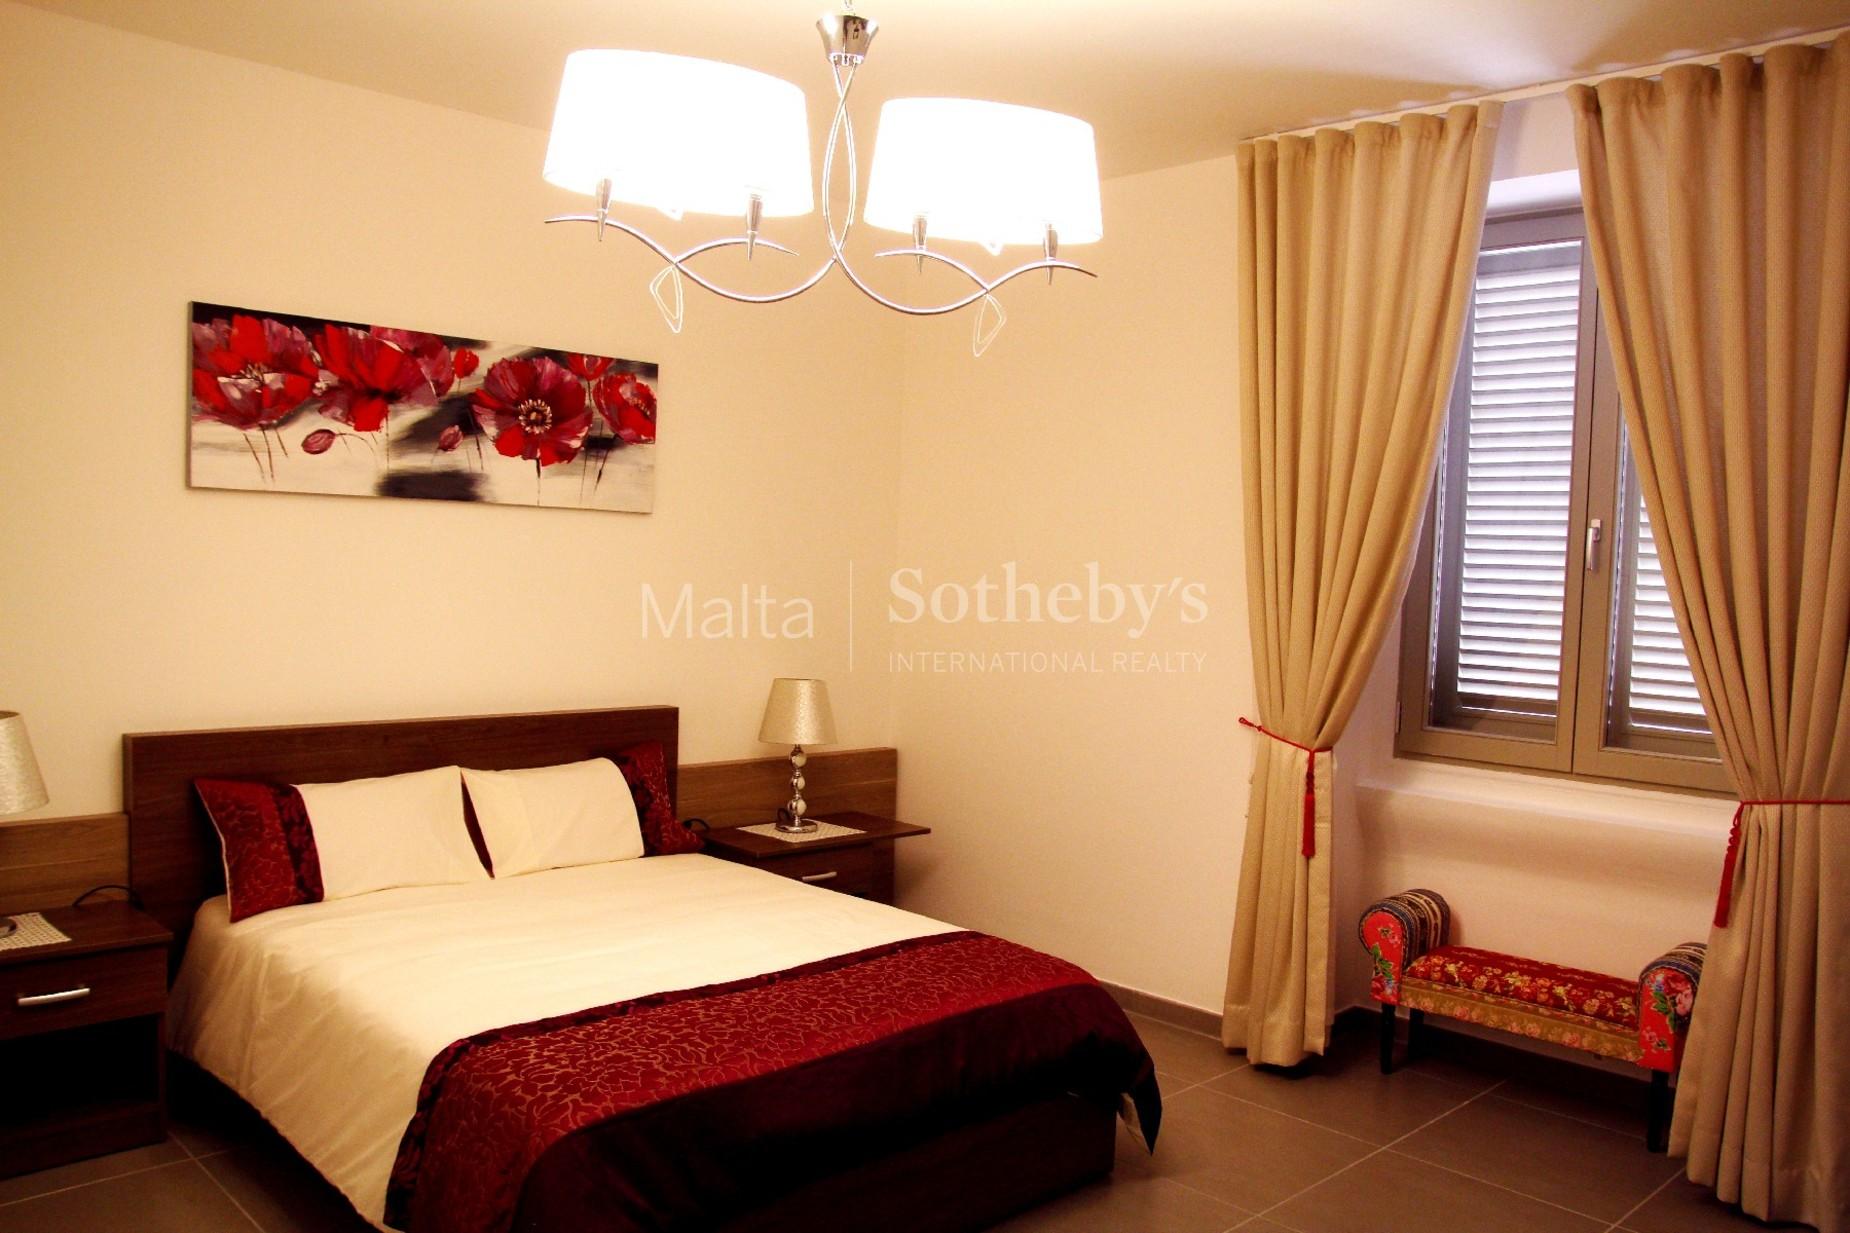 3 bed Apartment For Rent in Vittoriosa, Vittoriosa - thumb 7